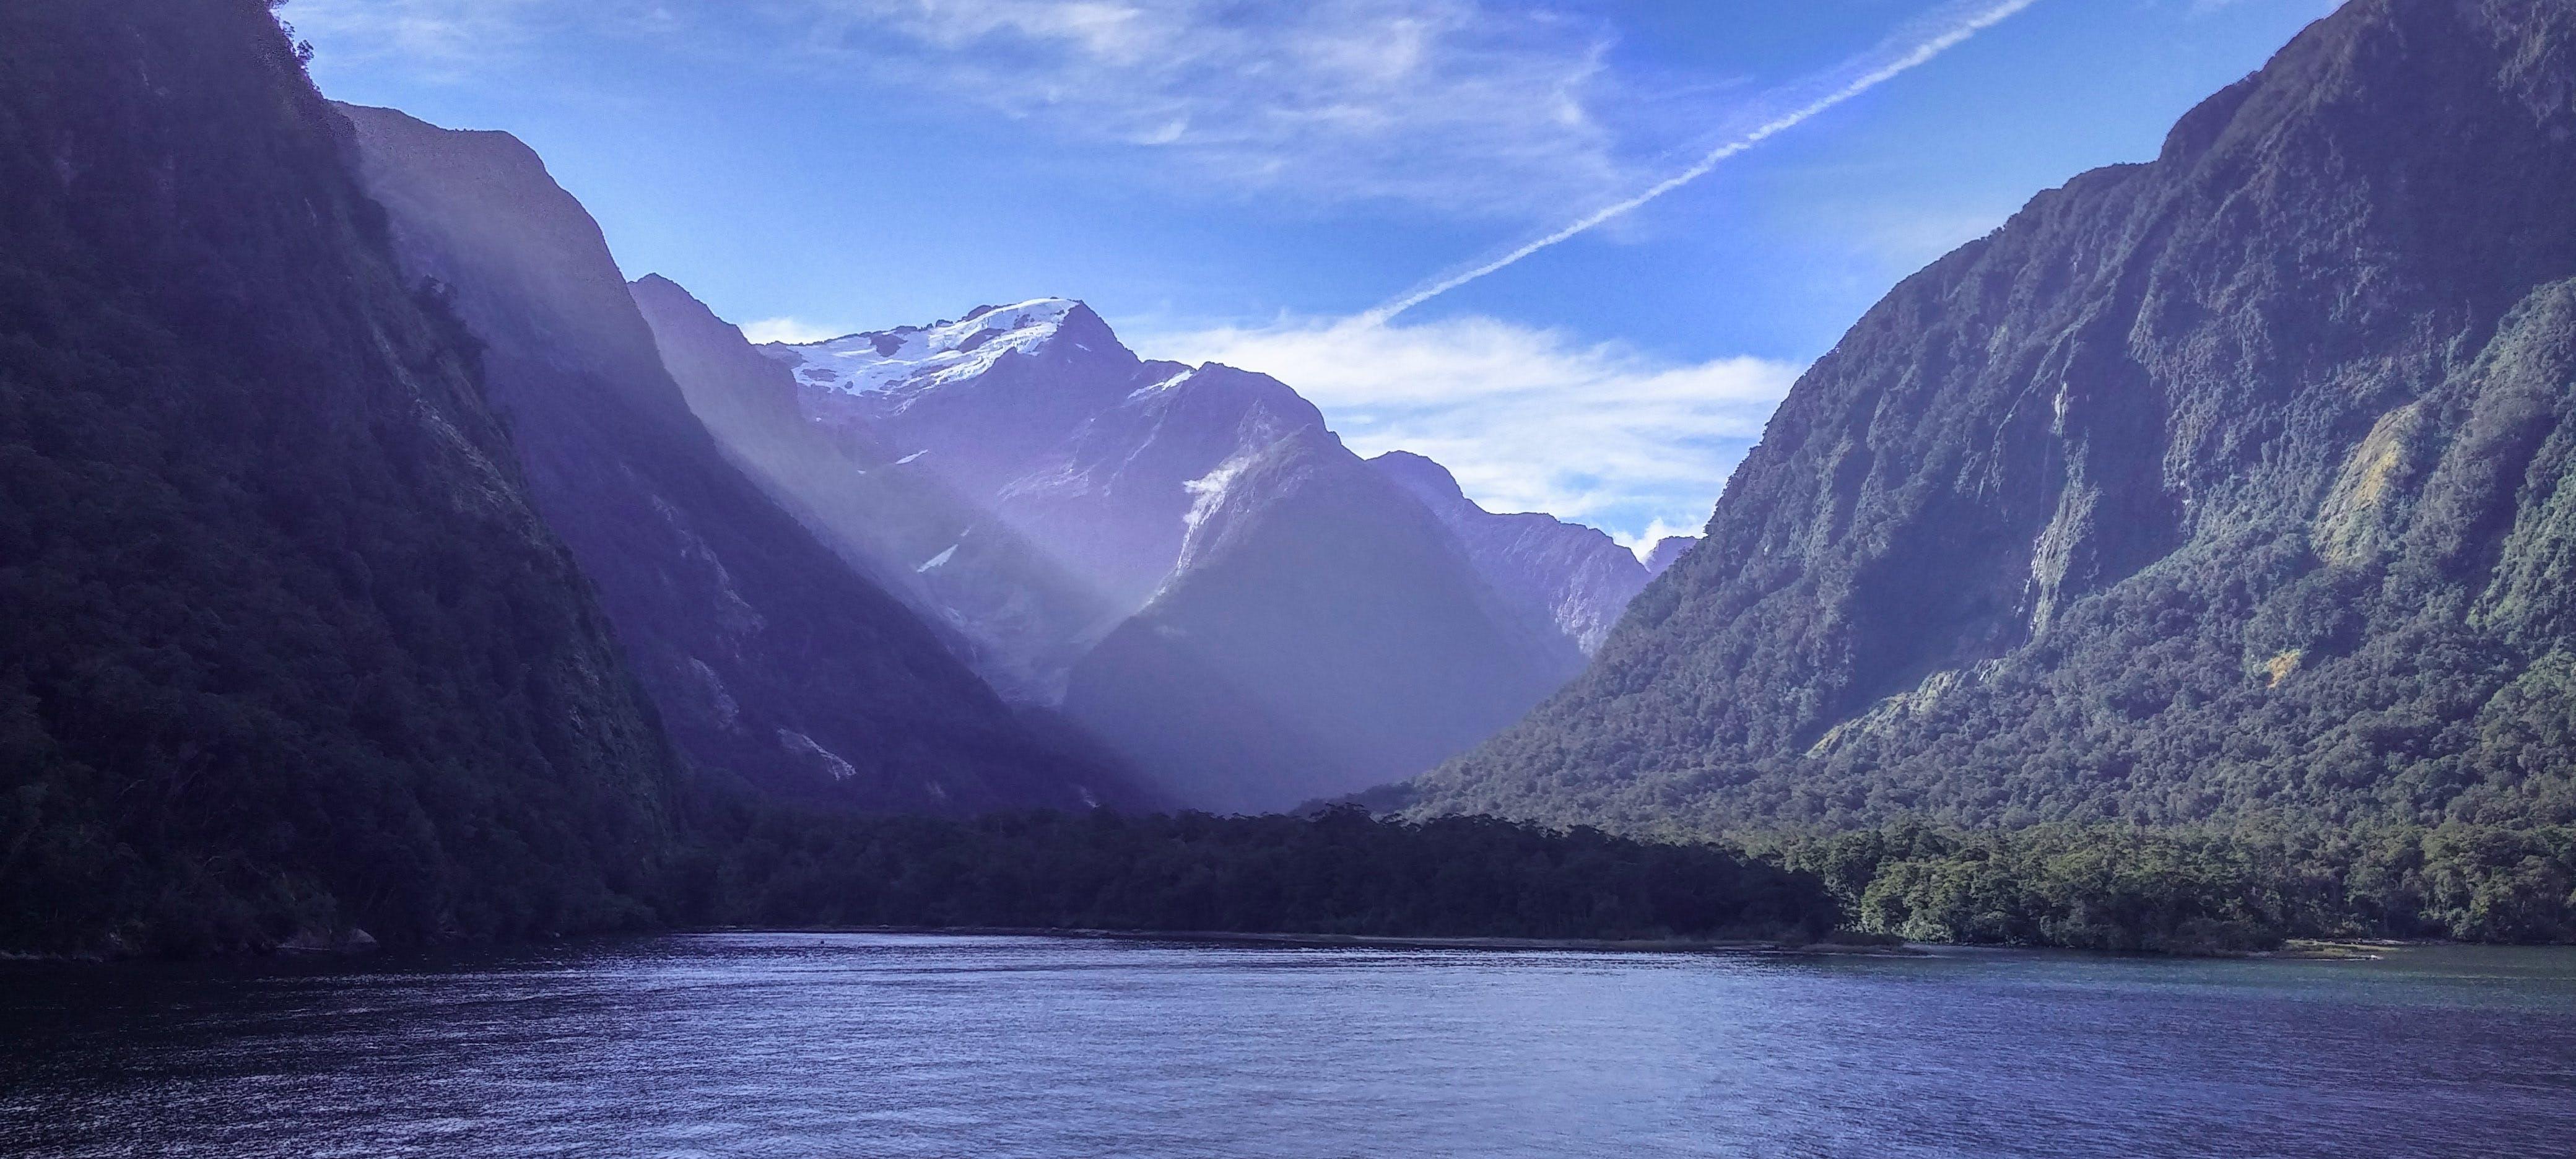 全景, 天性, 山, 山谷 的 免費圖庫相片